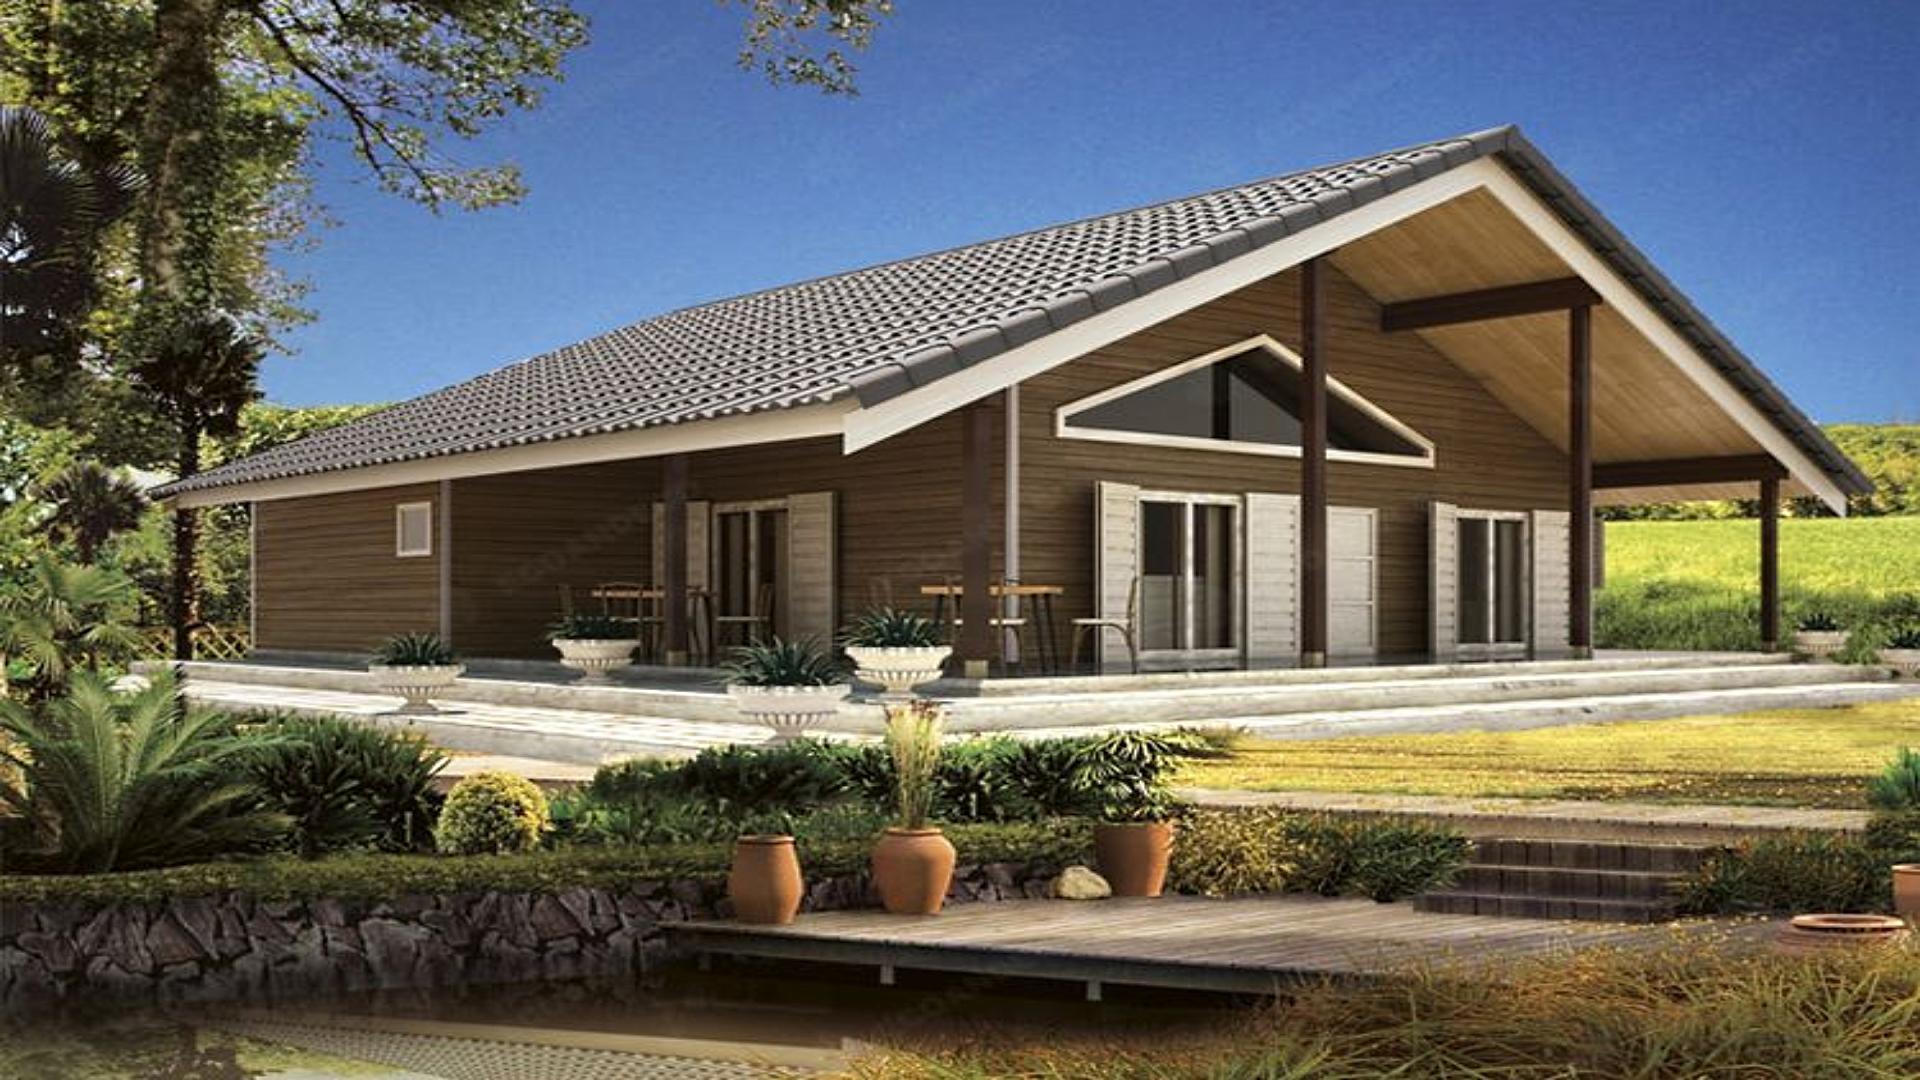 Casas de madera en valencia ecoandeco for Casas de madera valencia